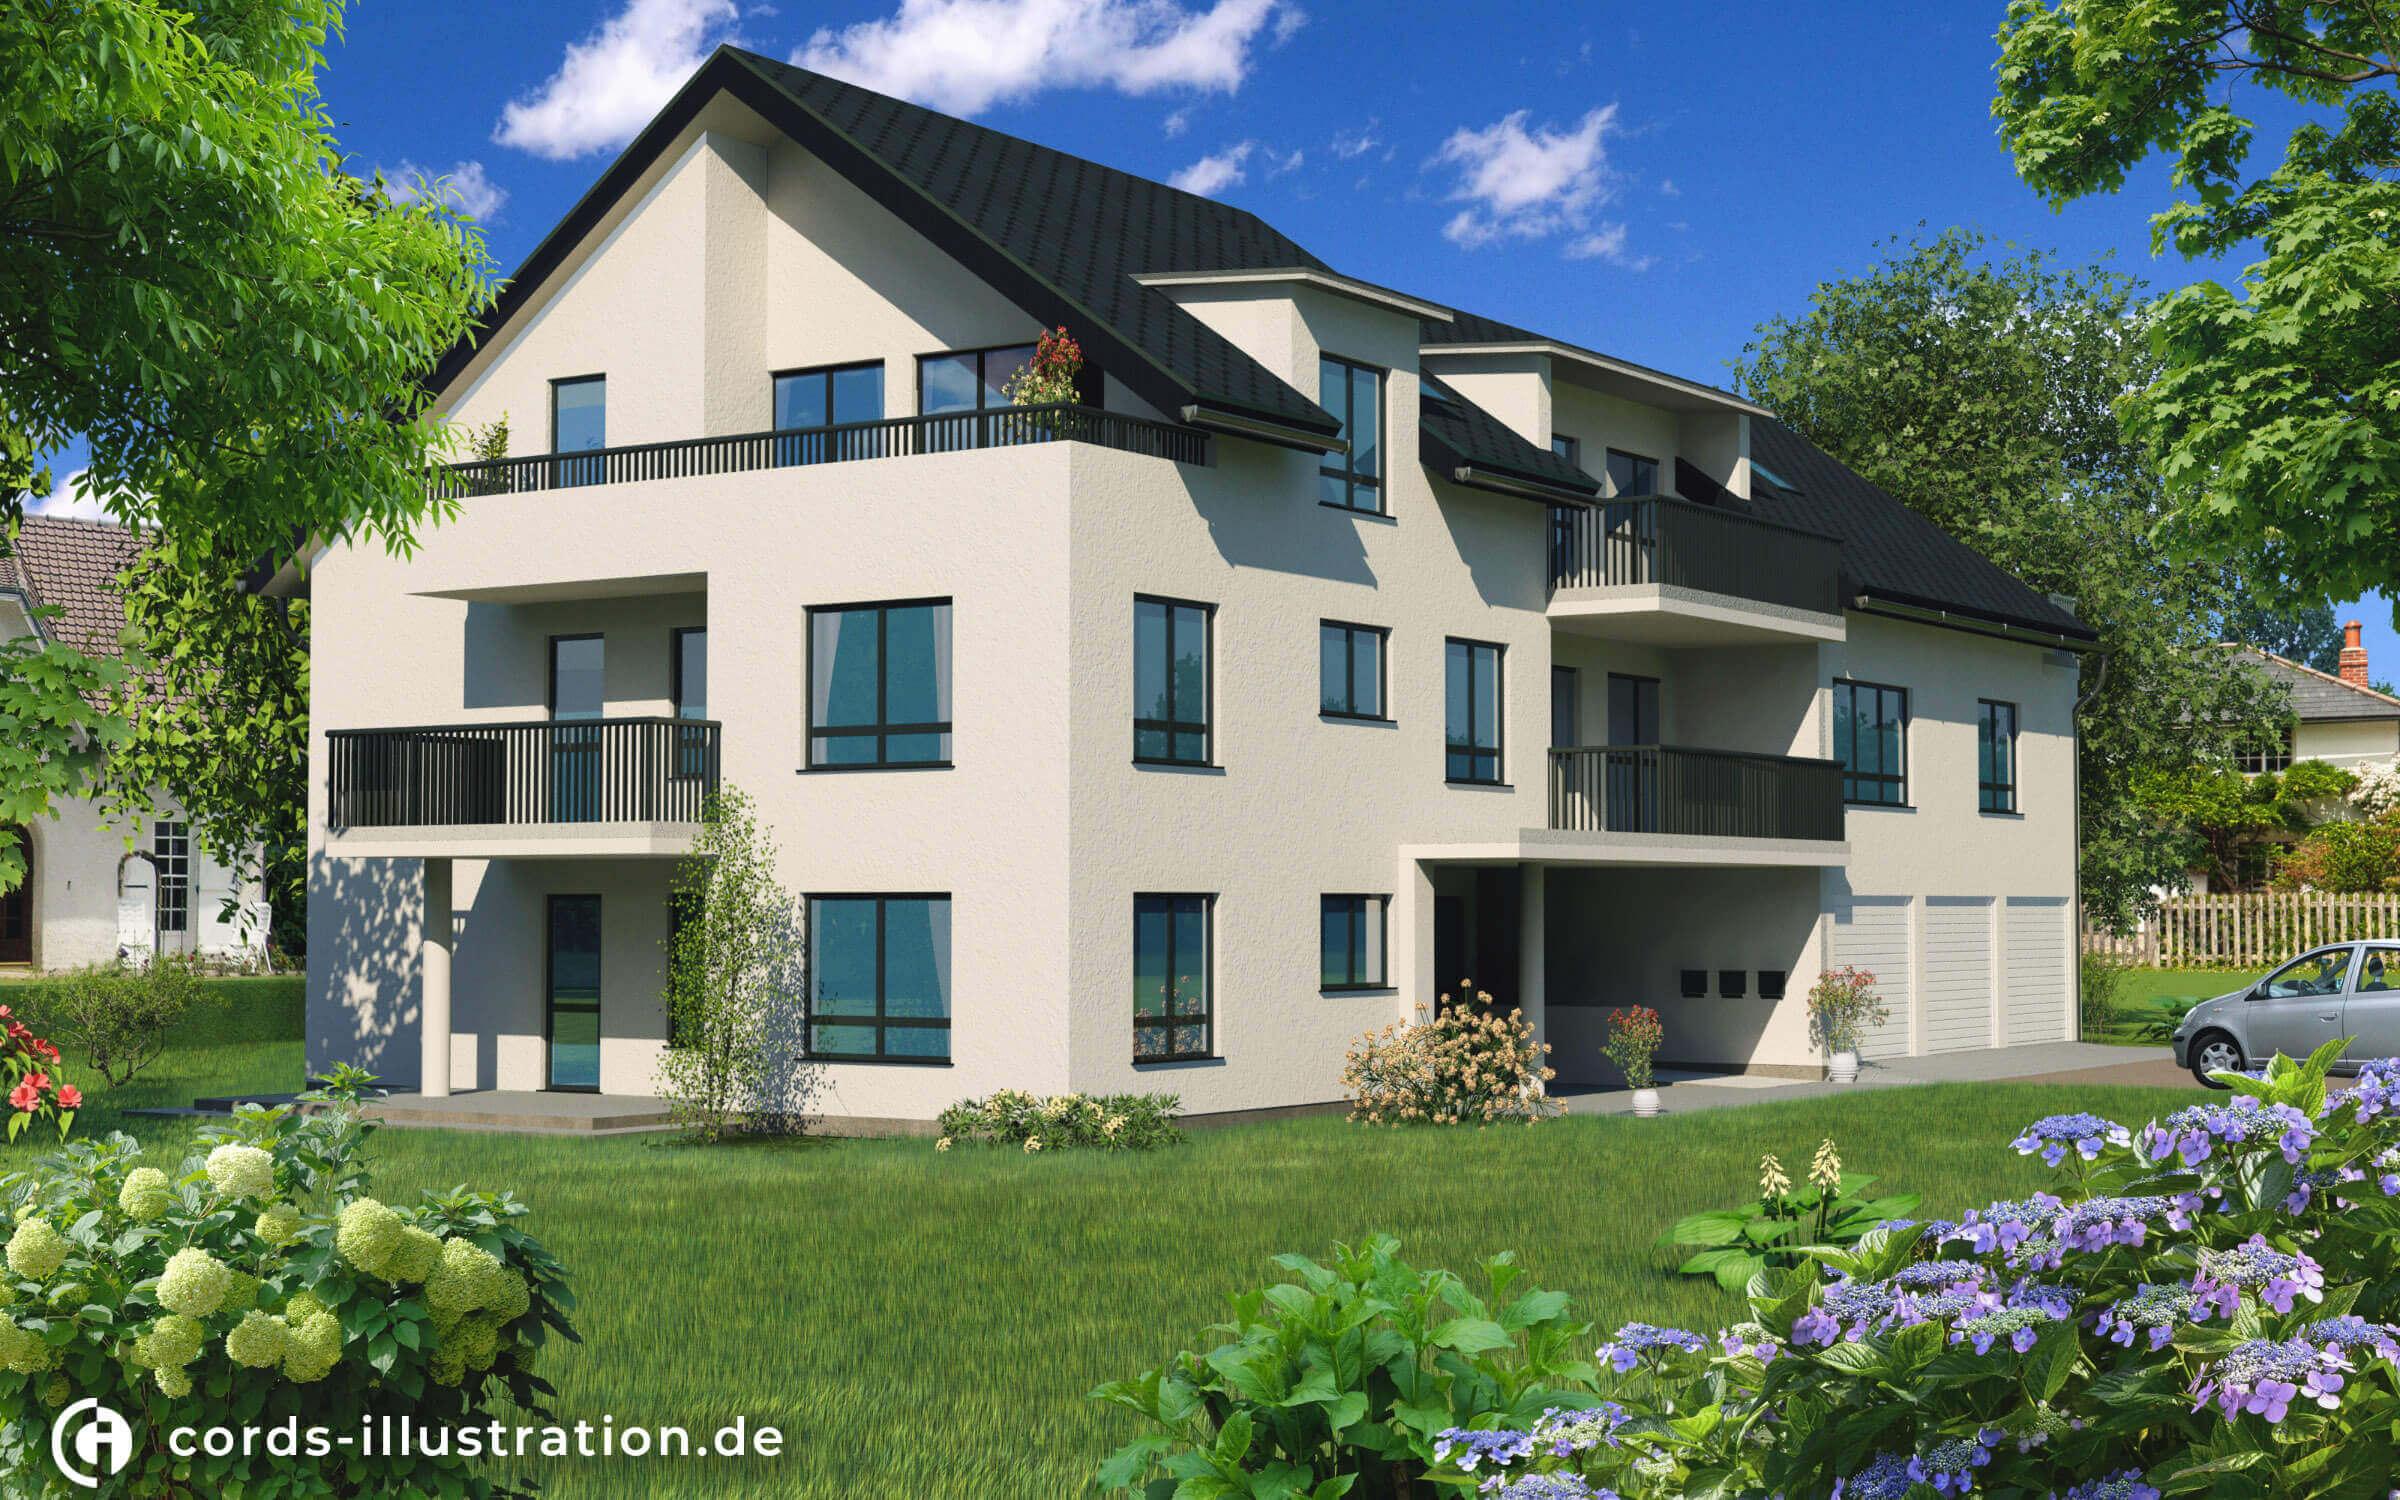 Eine Visualisierung eines Mehrfamilienhauses mit Gartenbereich